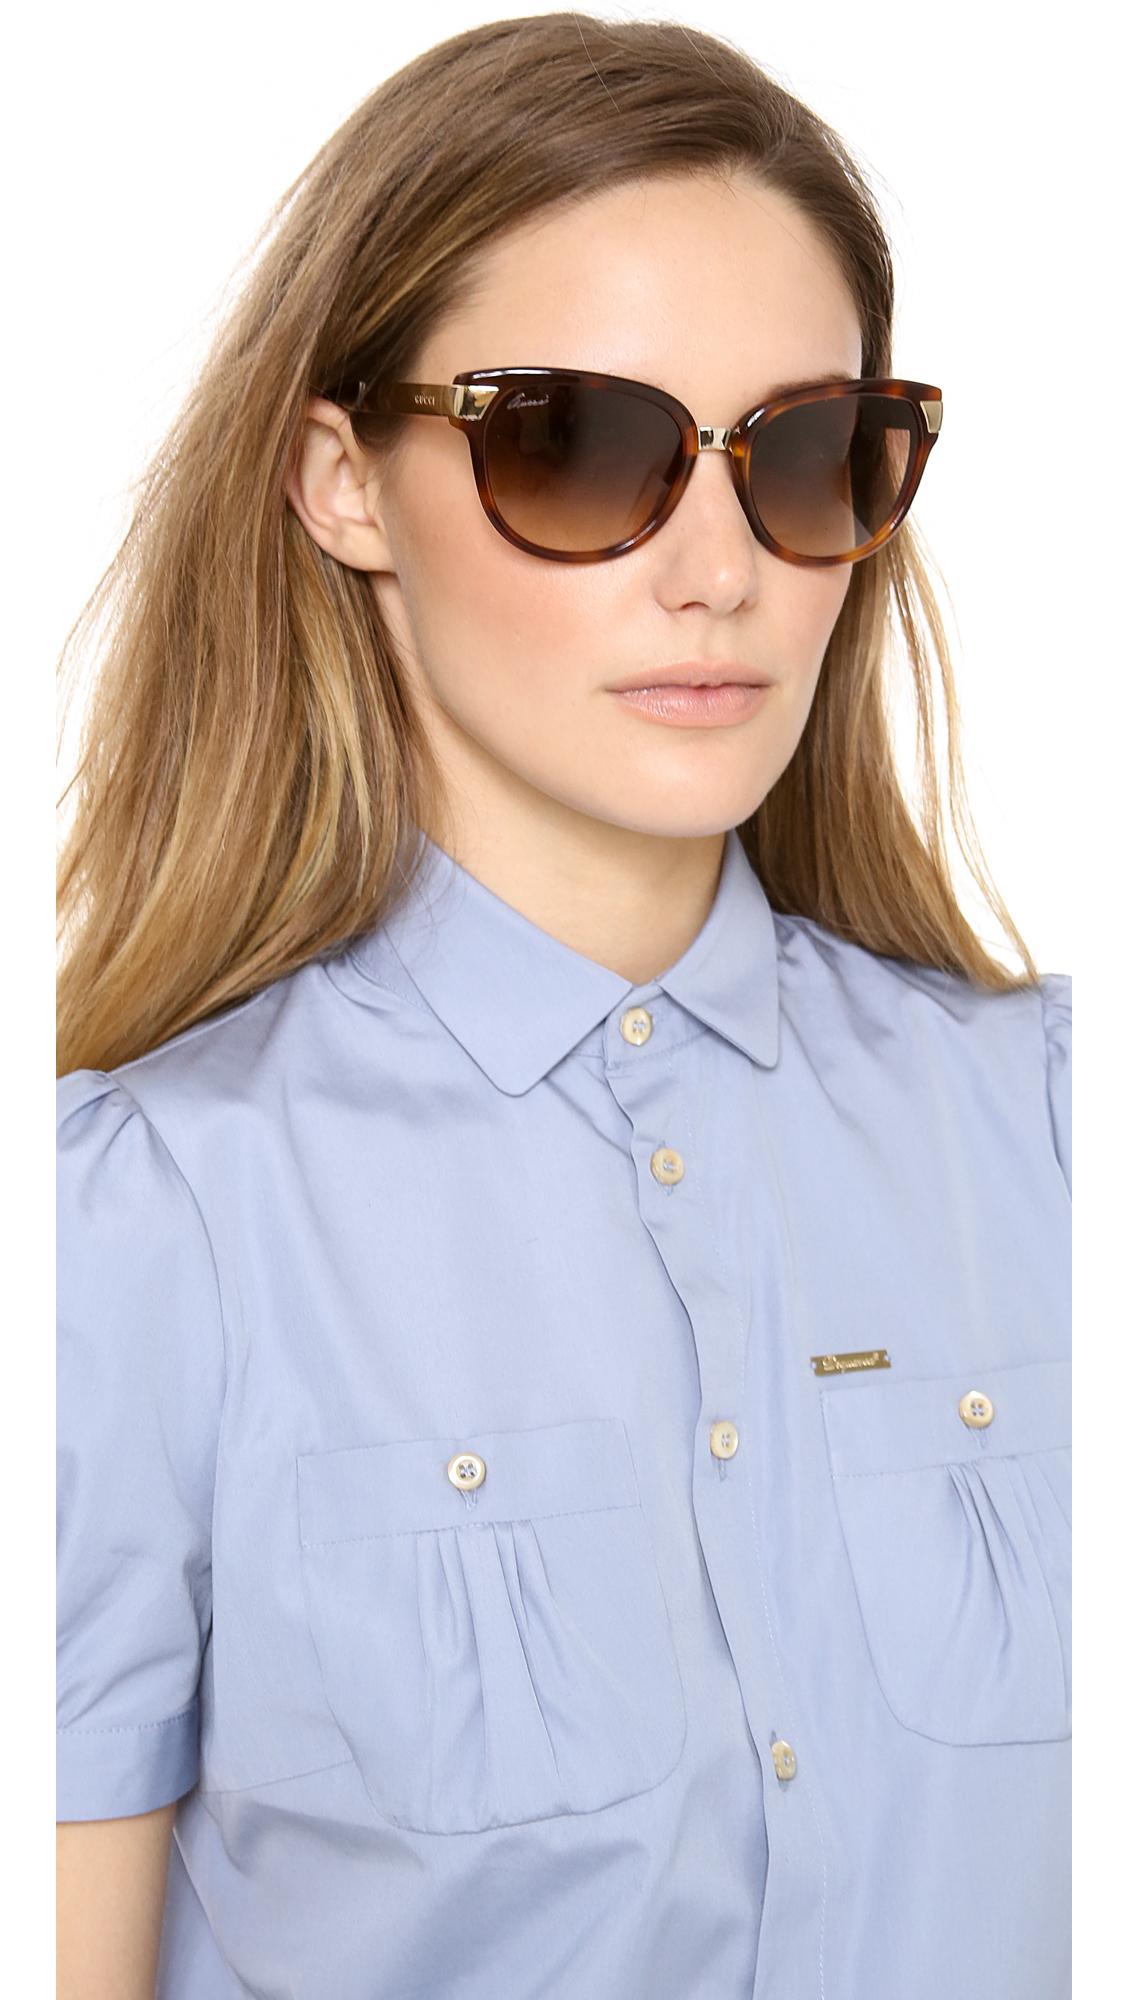 a7ede97fafa Lyst - Gucci Cat Eye Sunglasses Blackgreen Gradient in Brown